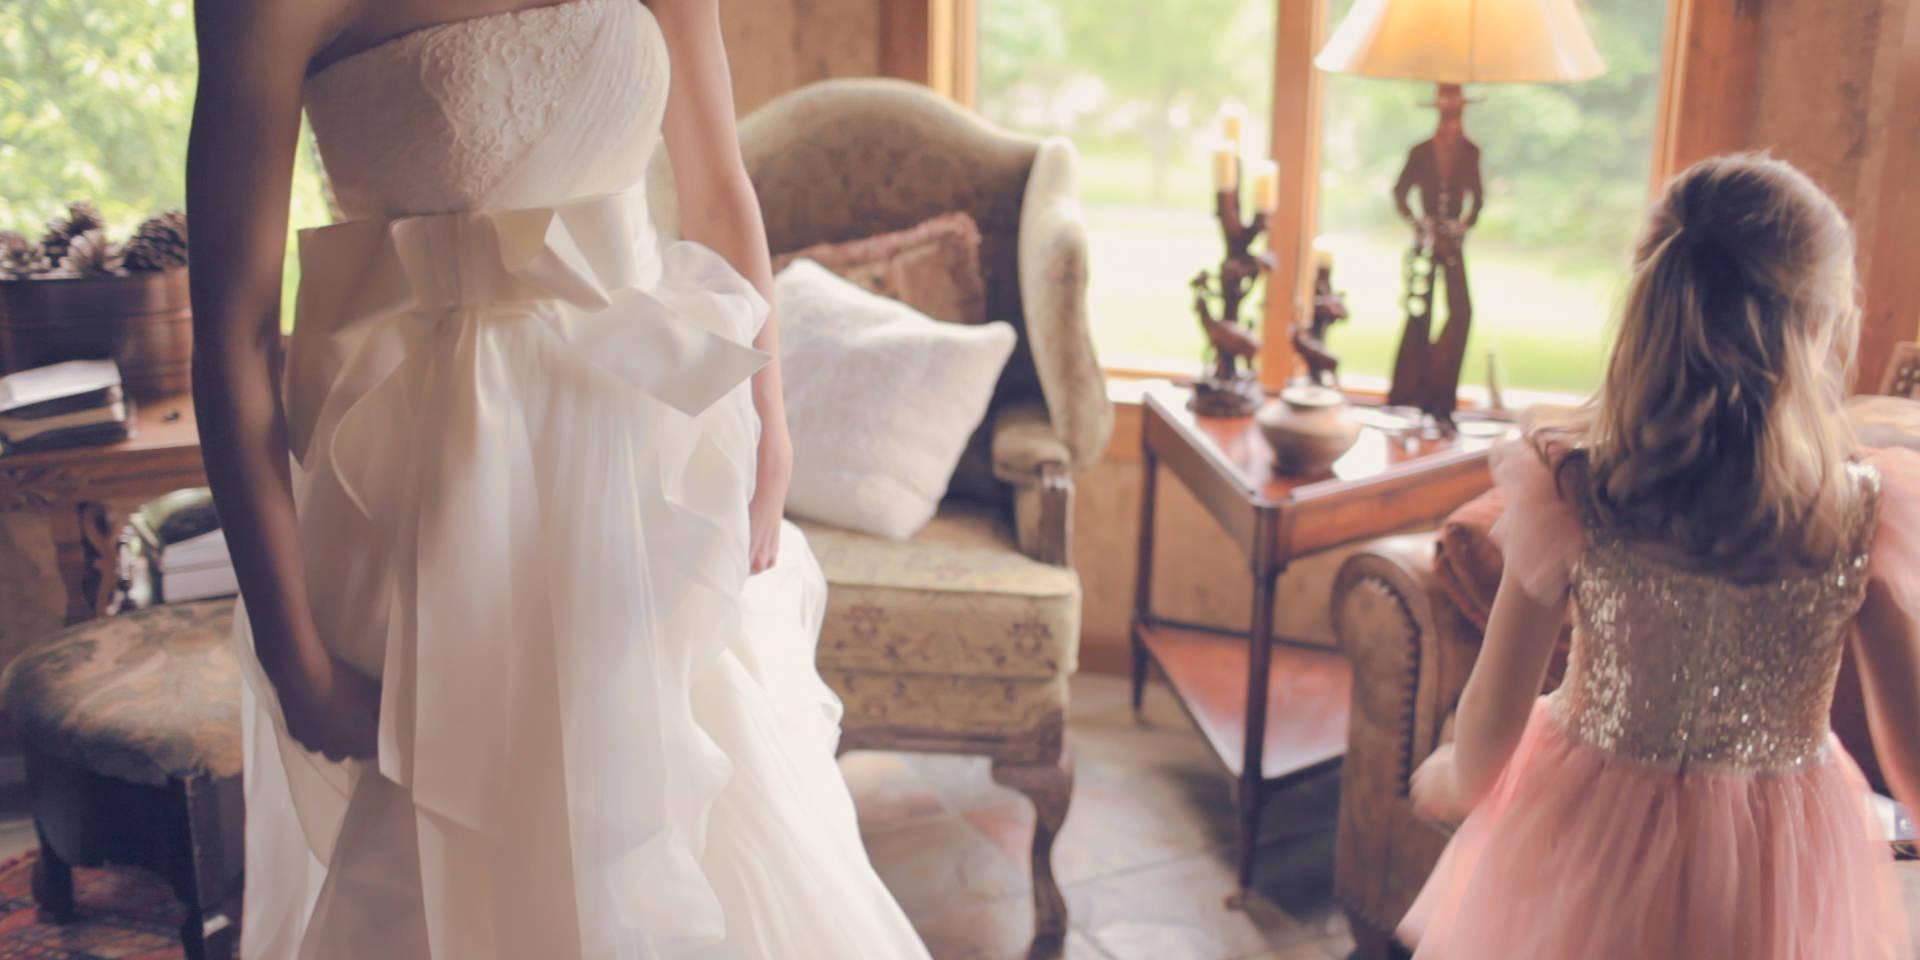 wedding story.00_08_05_02.Still016.jpg